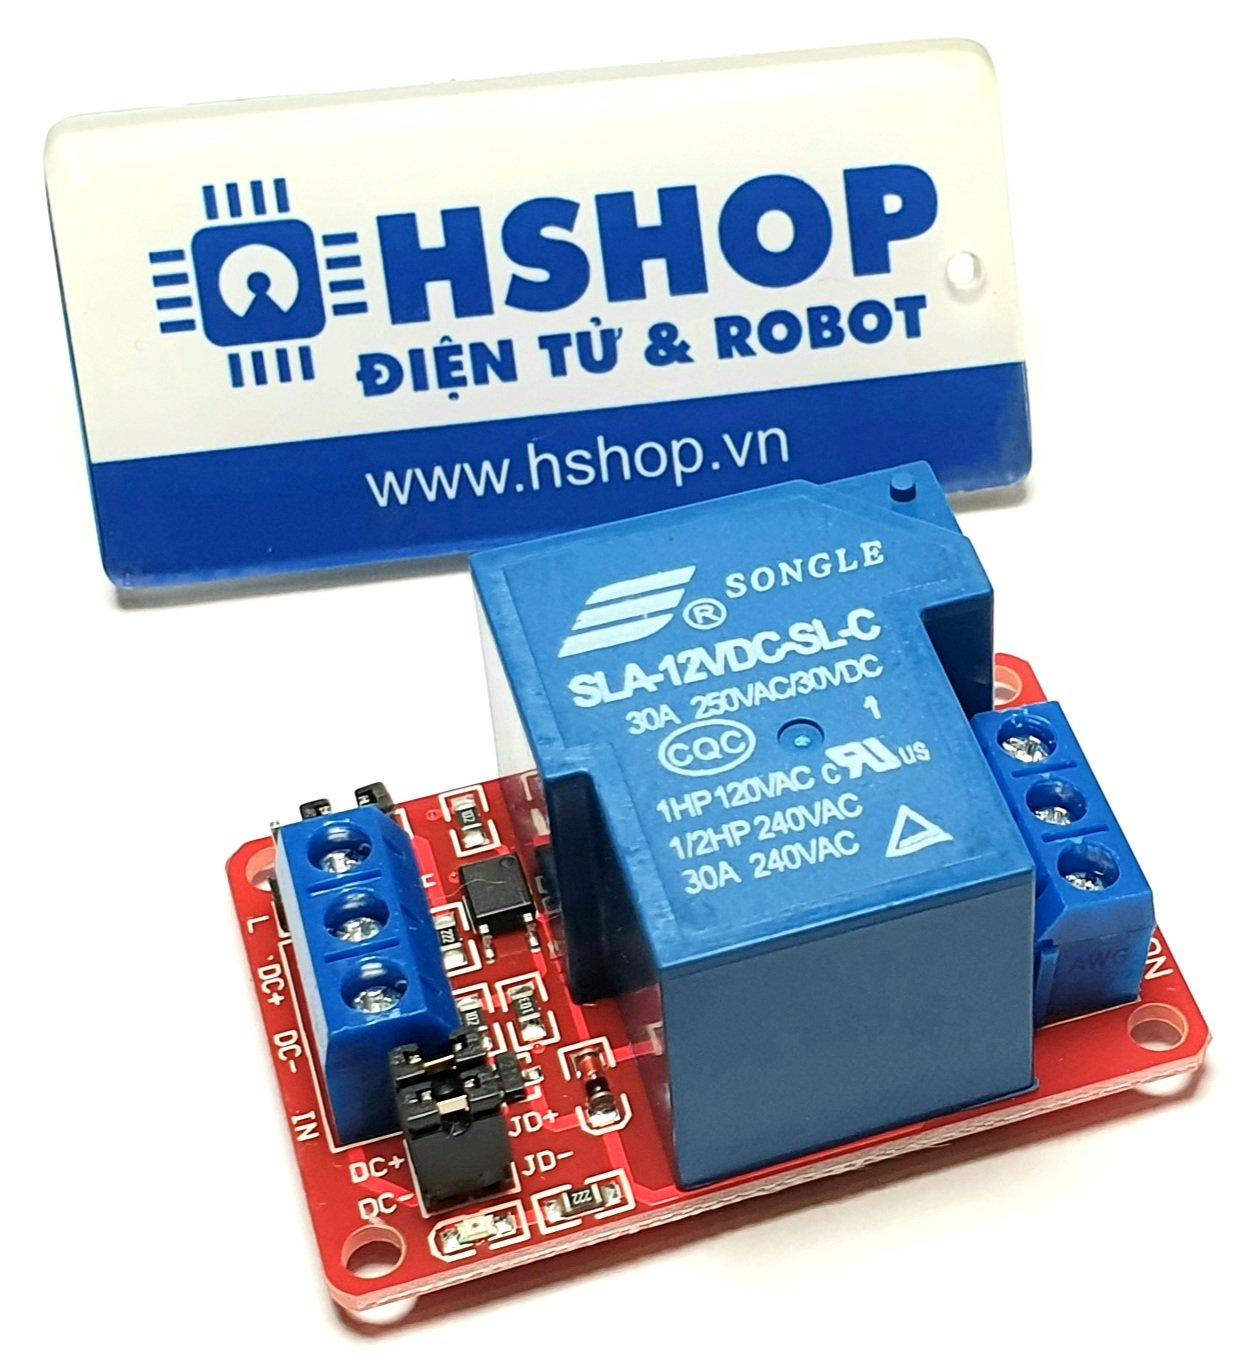 Mạch 1 Relay Opto chọn mức kích HighLow (12VDC) 30A